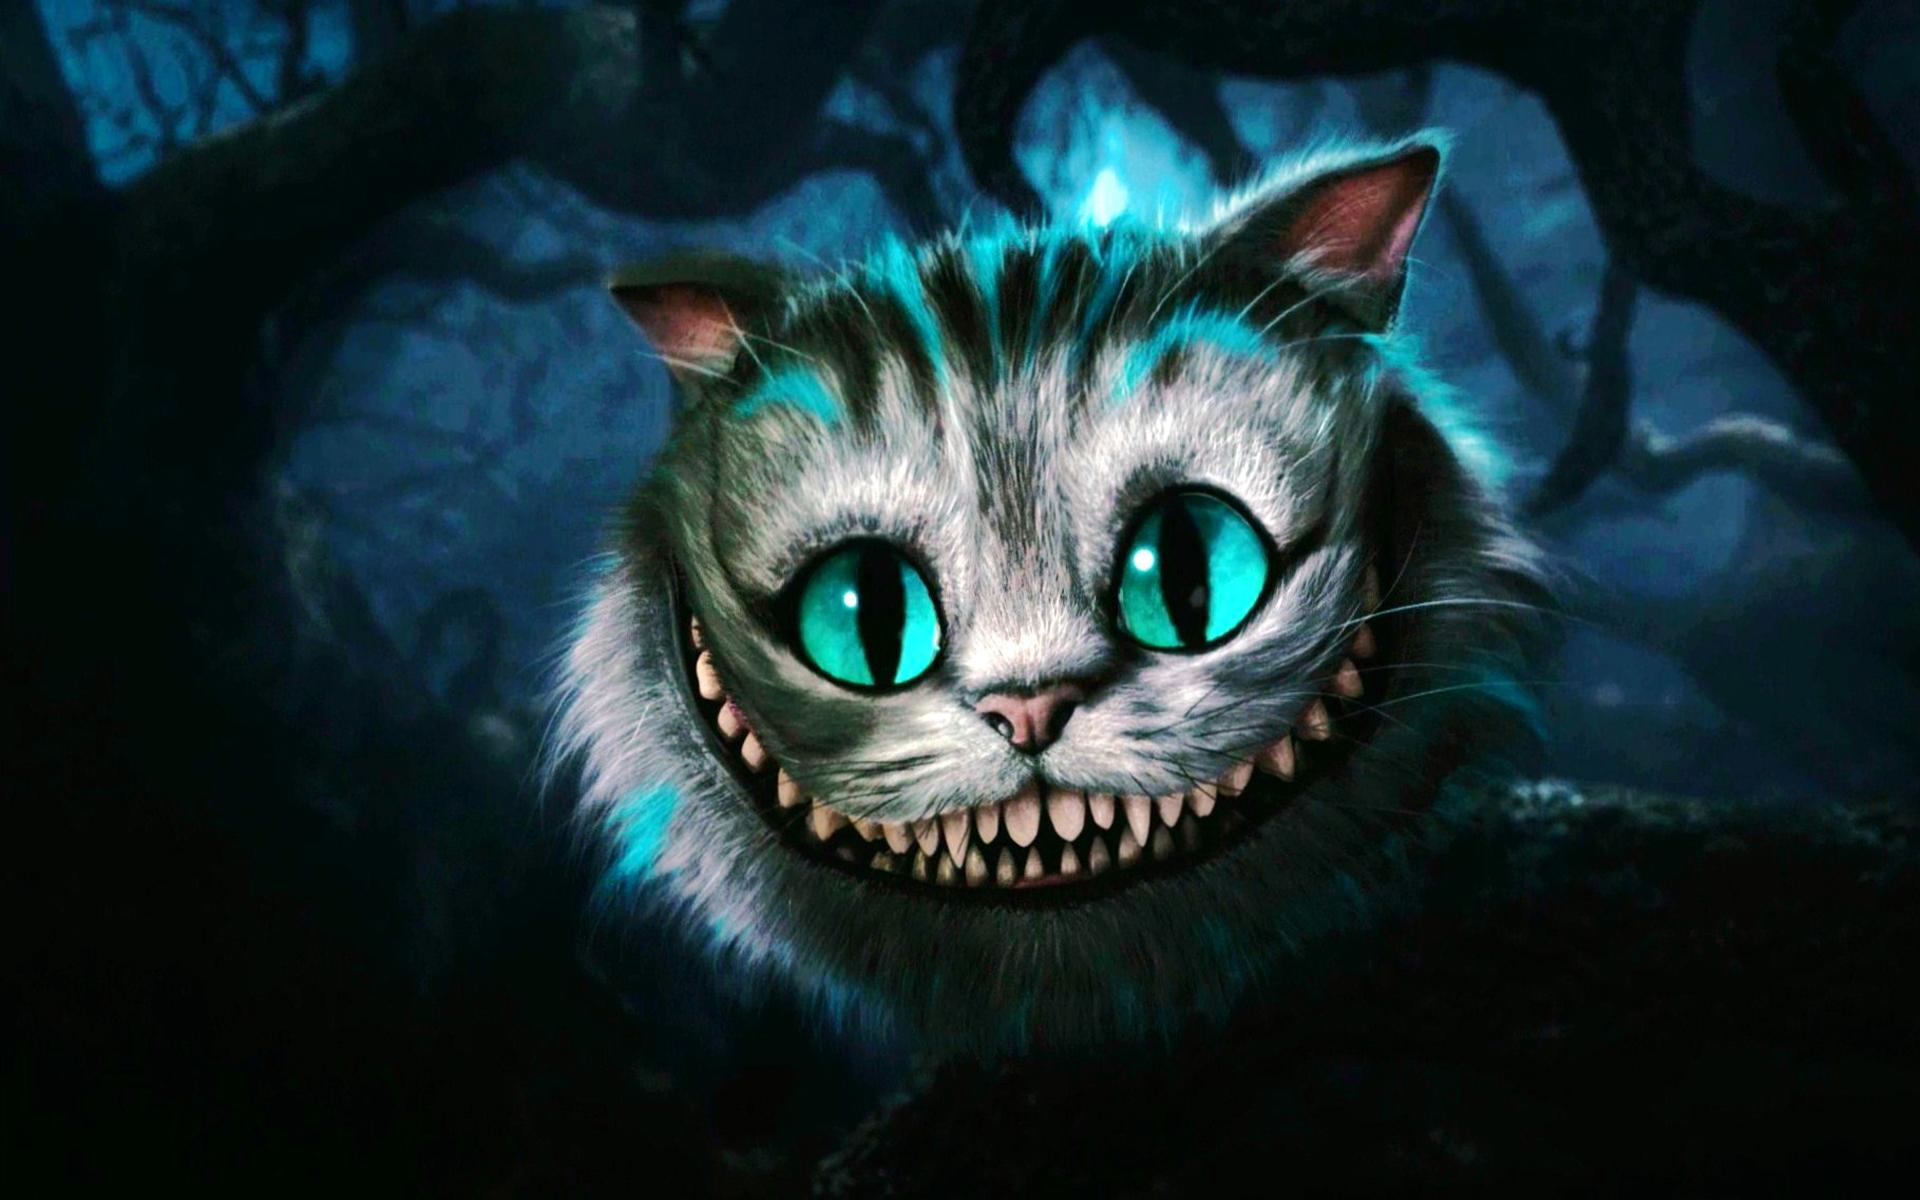 Alice In Wonderland Cheshire Cat Tattoo: Cheshire Cat On Pinterest